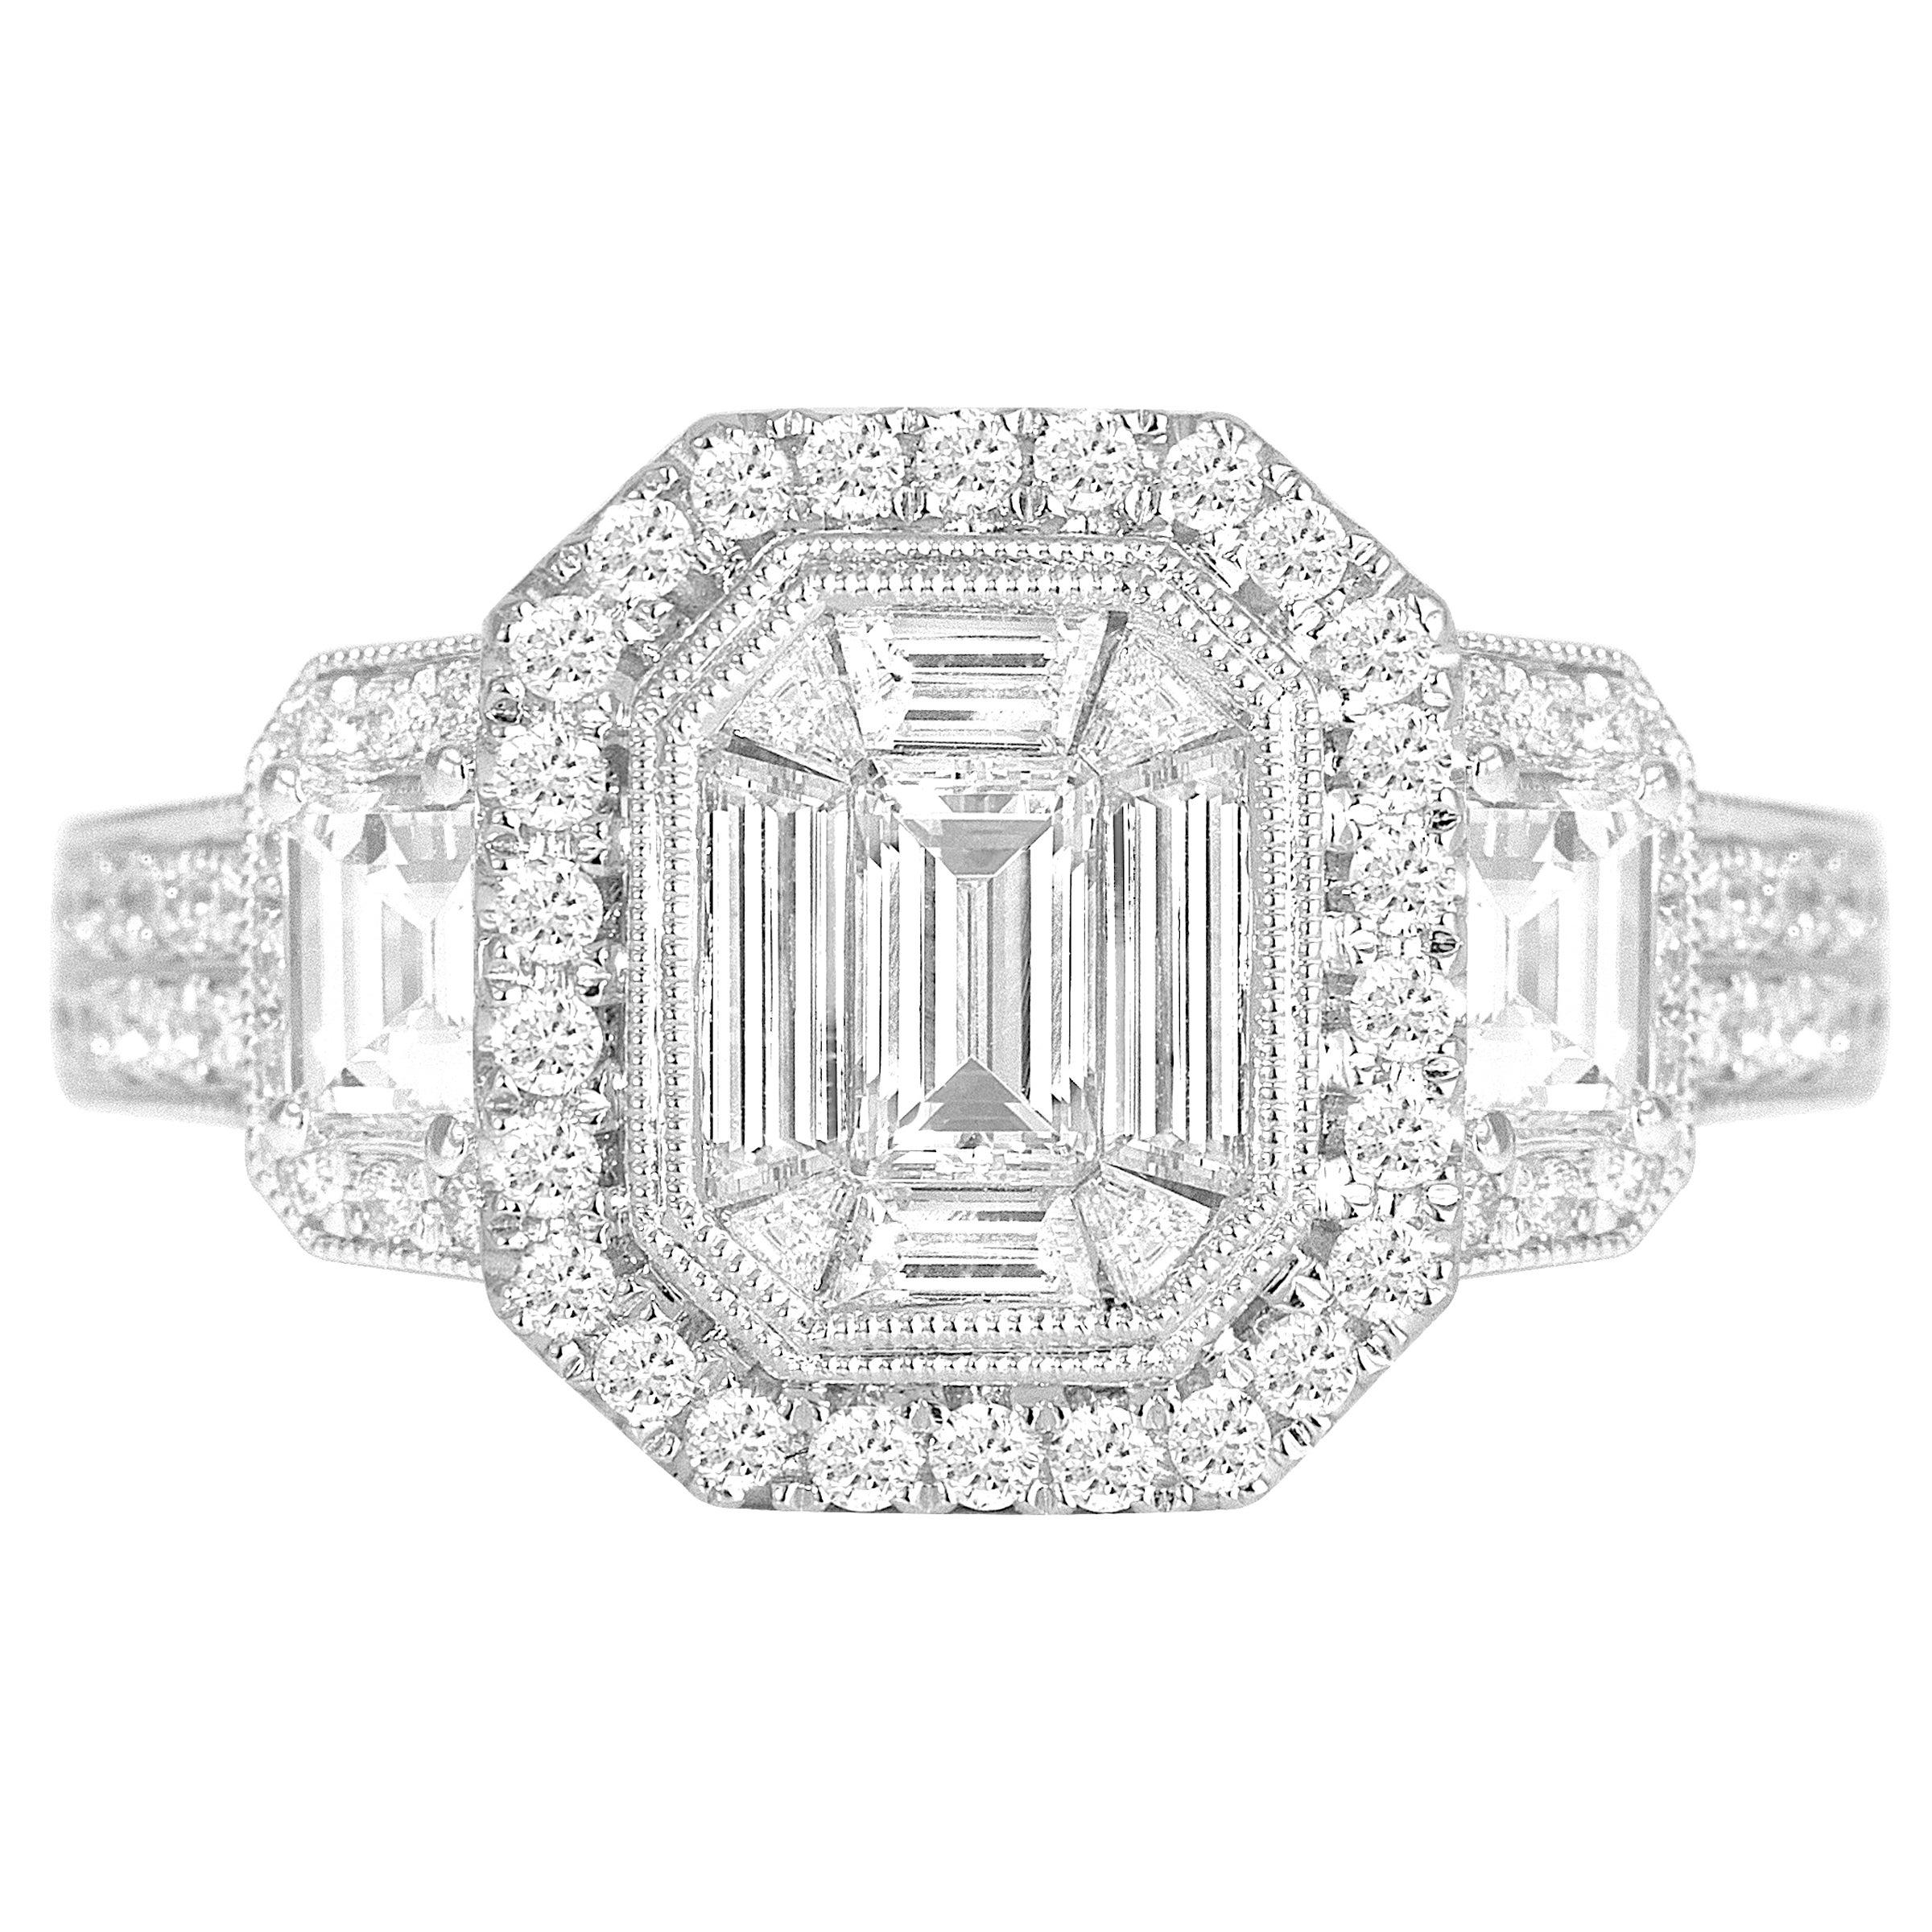 DiamondTown 1.66 Carat Diamond Engagement Bridal Cluster Ring